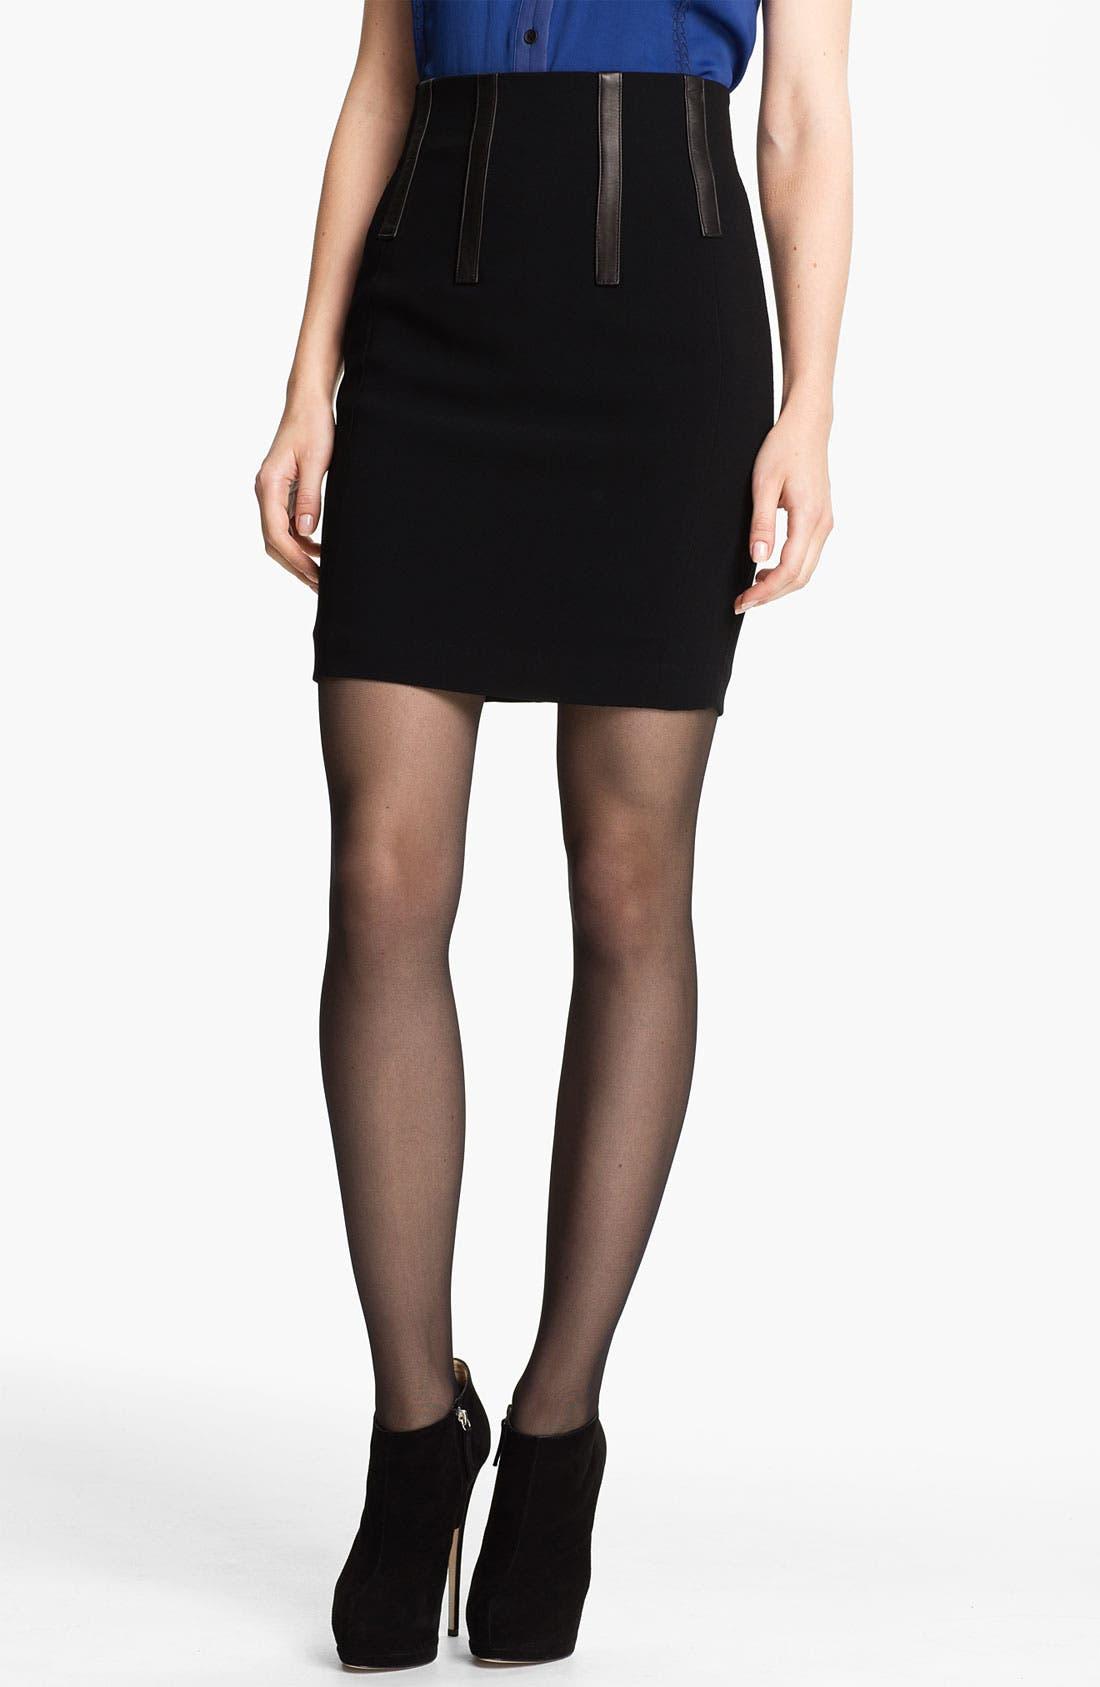 Alternate Image 1 Selected - rag & bone 'Imogen' Leather Trim Skirt